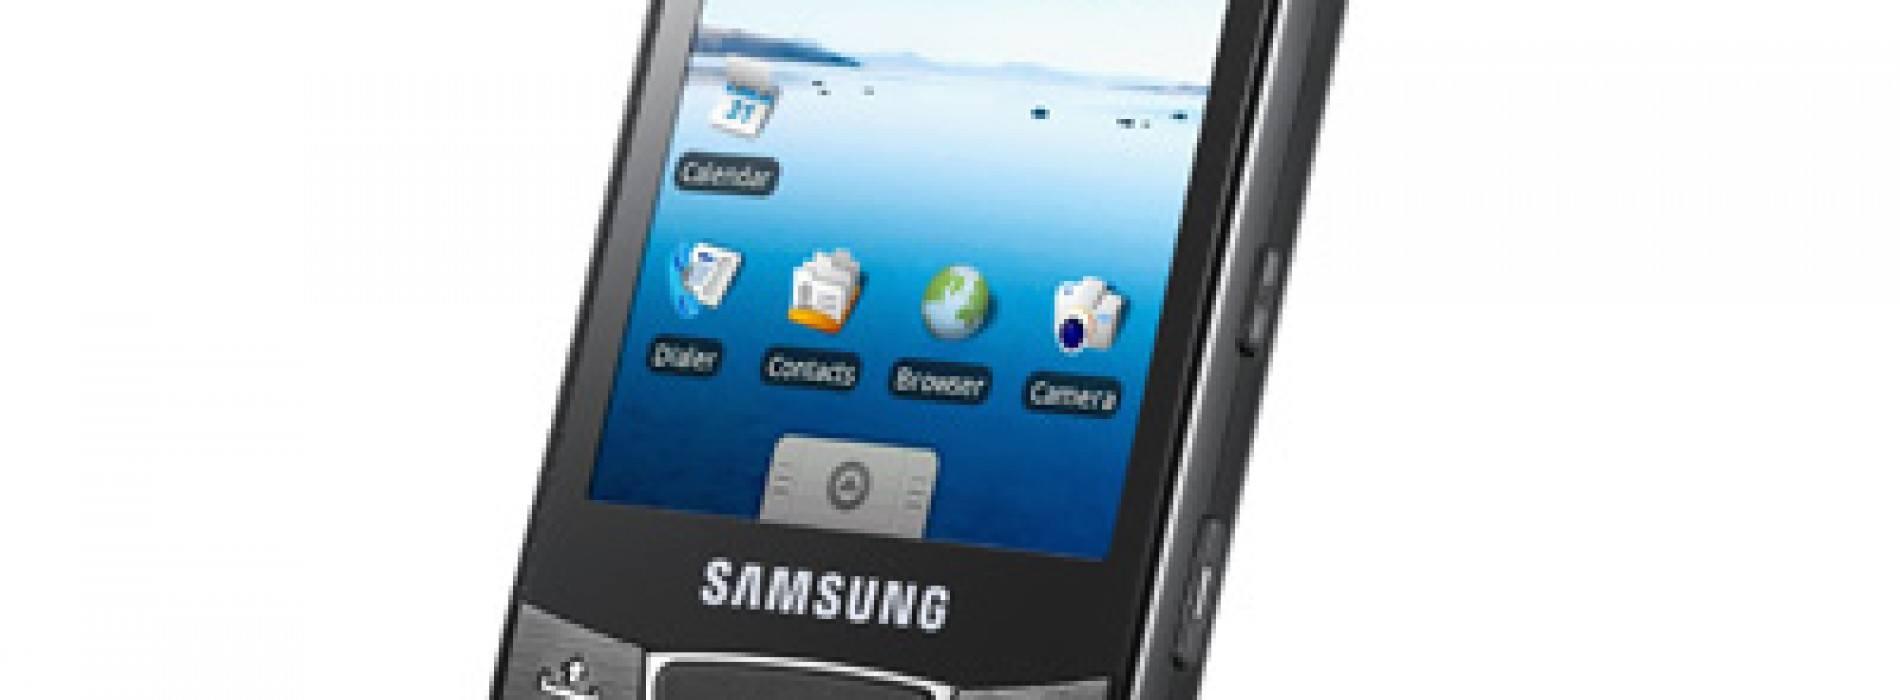 Galaxy i7500 de Samsung